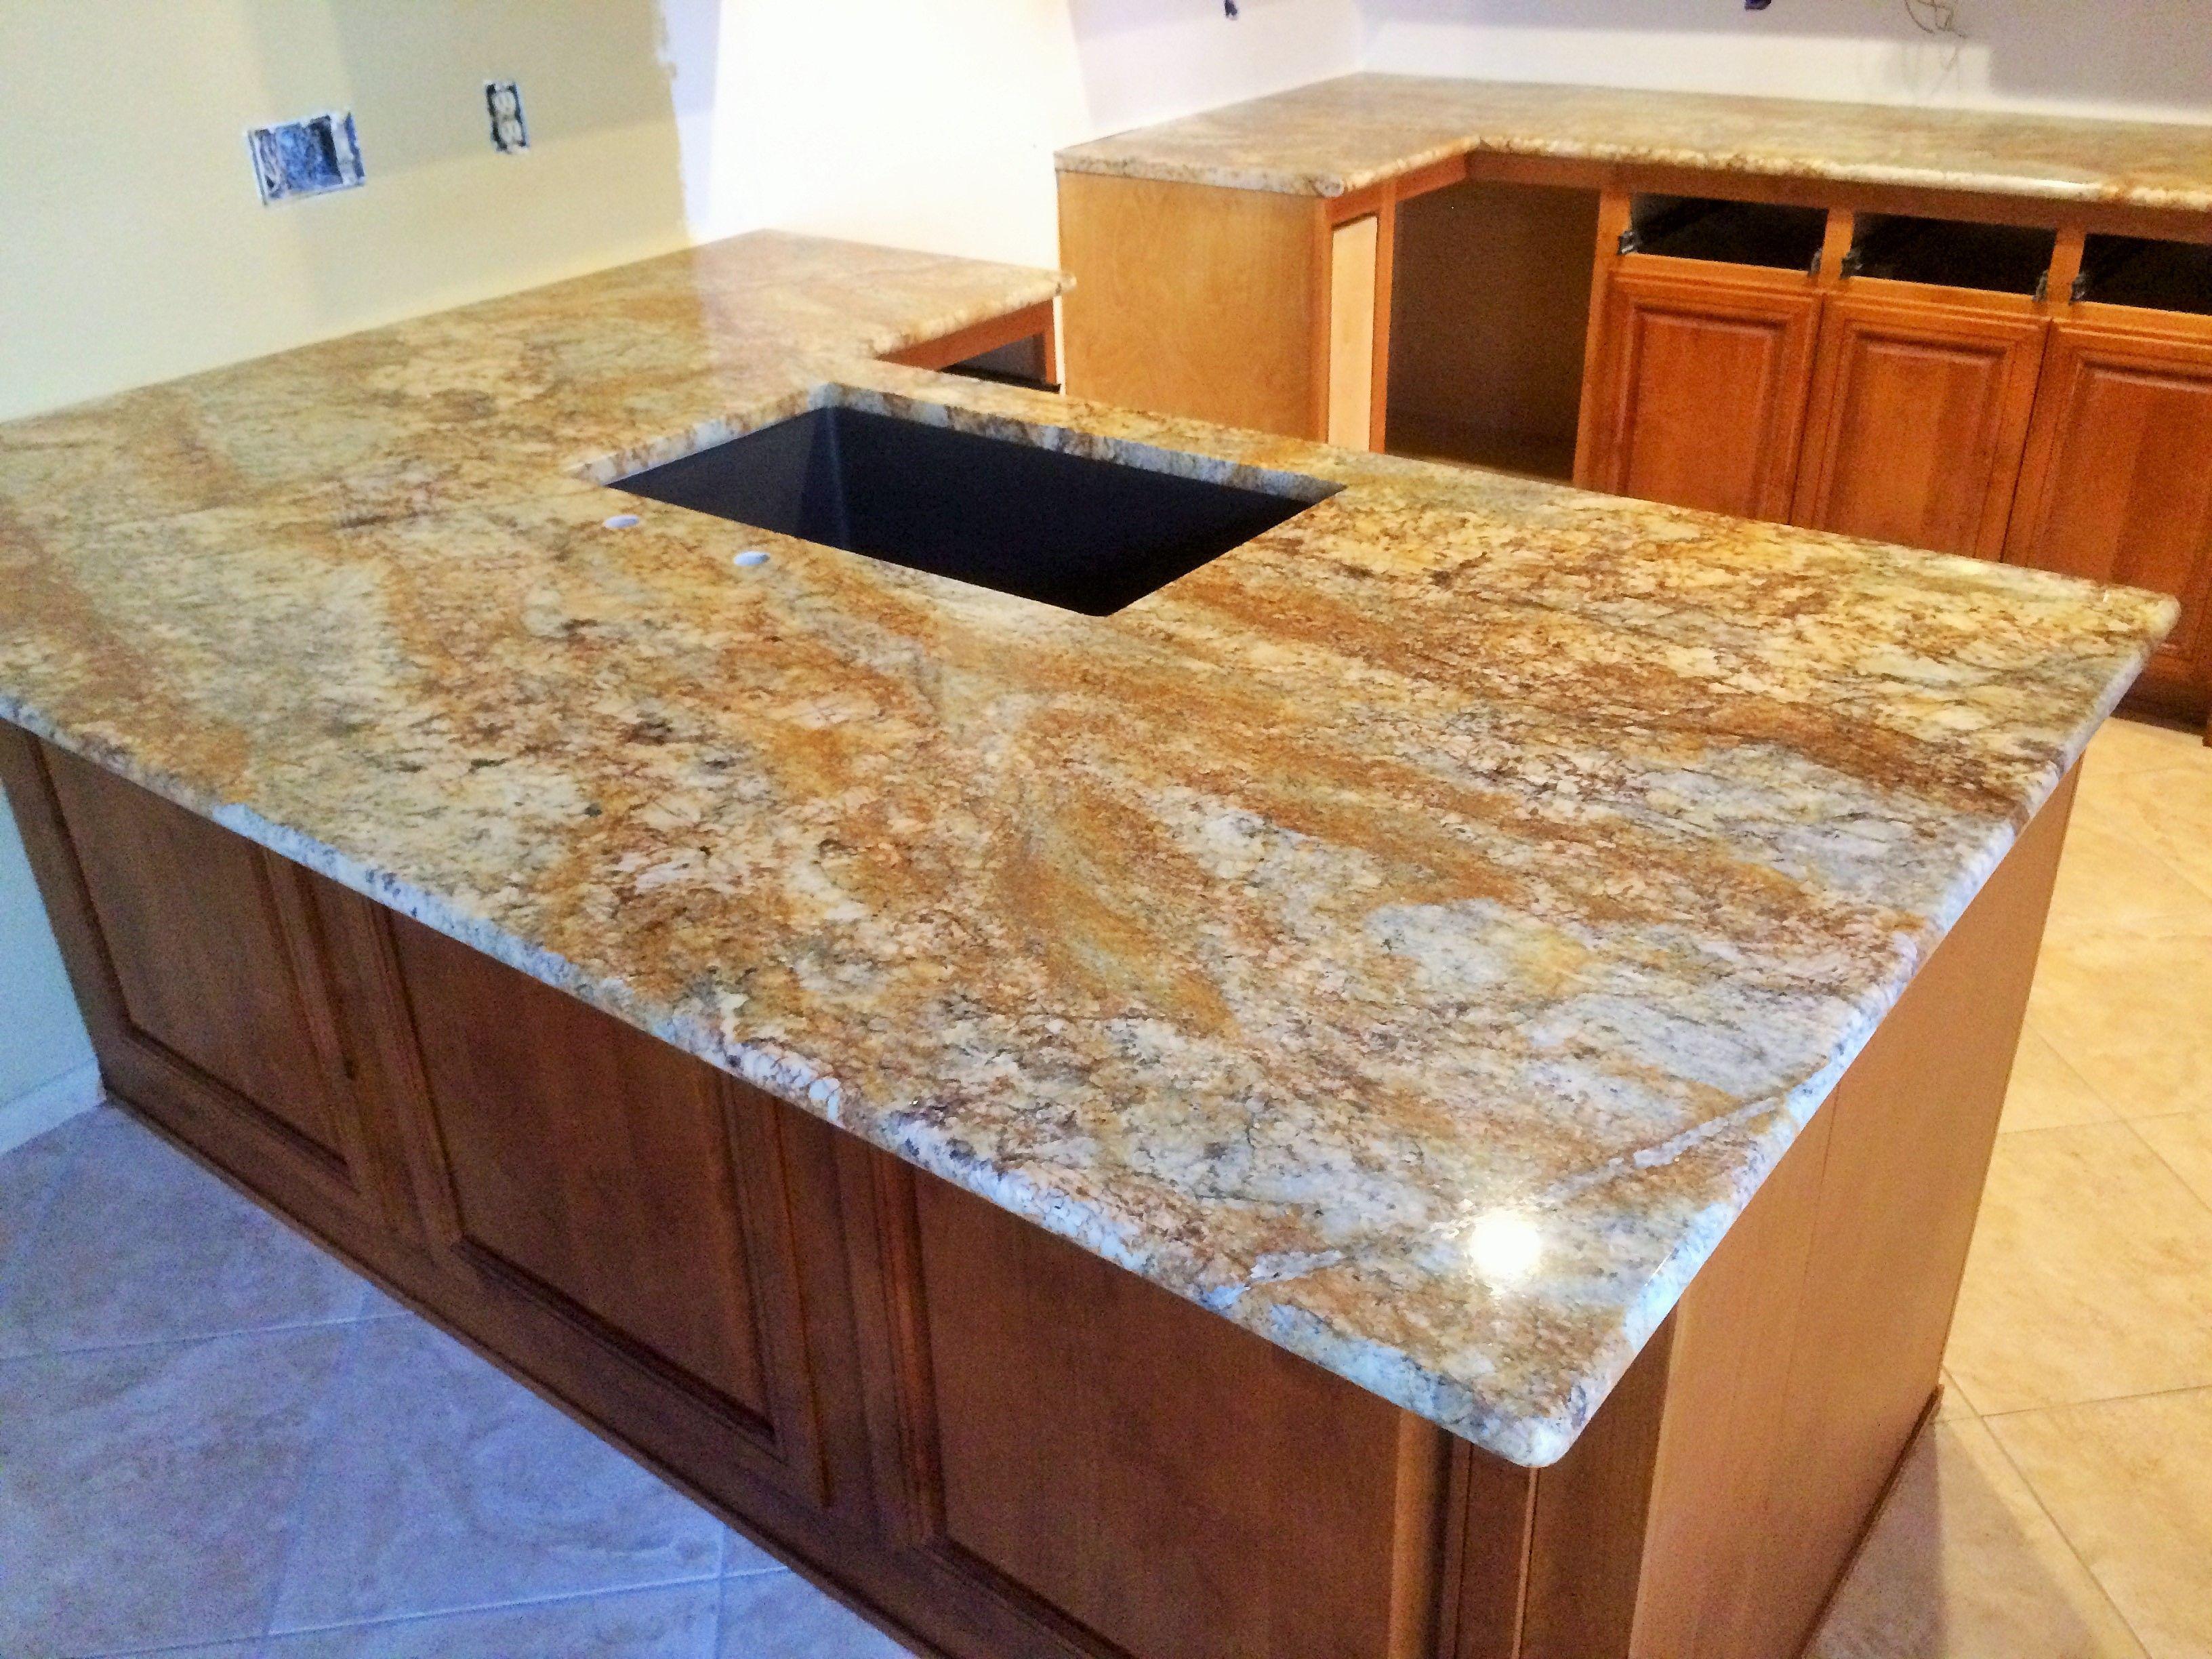 Neue Kuchenarbeitsplatten Badezimmer Waschtische Mit Waschbecken Kultivierten Marmor Qu Kitchen Design Plans Granite Countertops Kitchen Kitchen Cabinet Colors